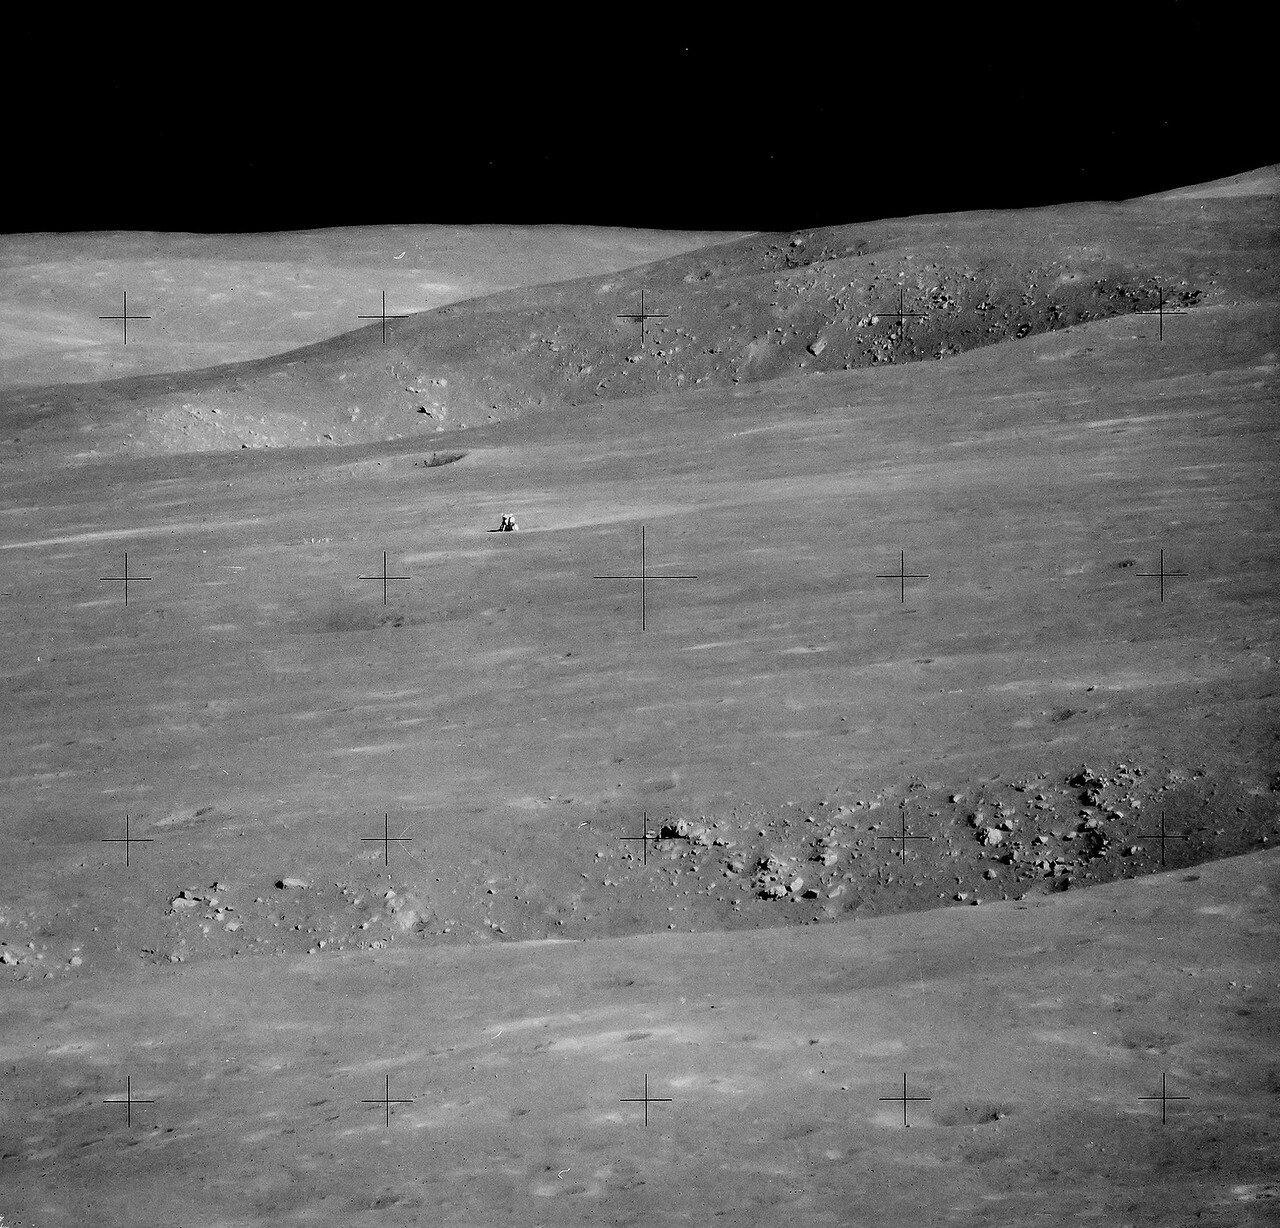 Лунный модуль «Аполло́на-15» «Фа́лкон» совершил посадку на юго-восточной окраине Моря Дождей, у отрогов лунных Апеннин, вблизи каньона Хэдли Рилл. Астронавты оставались на Луне дольше, чем все предыдущие экспедиции, почти трое суток. На снимке: Л.М.